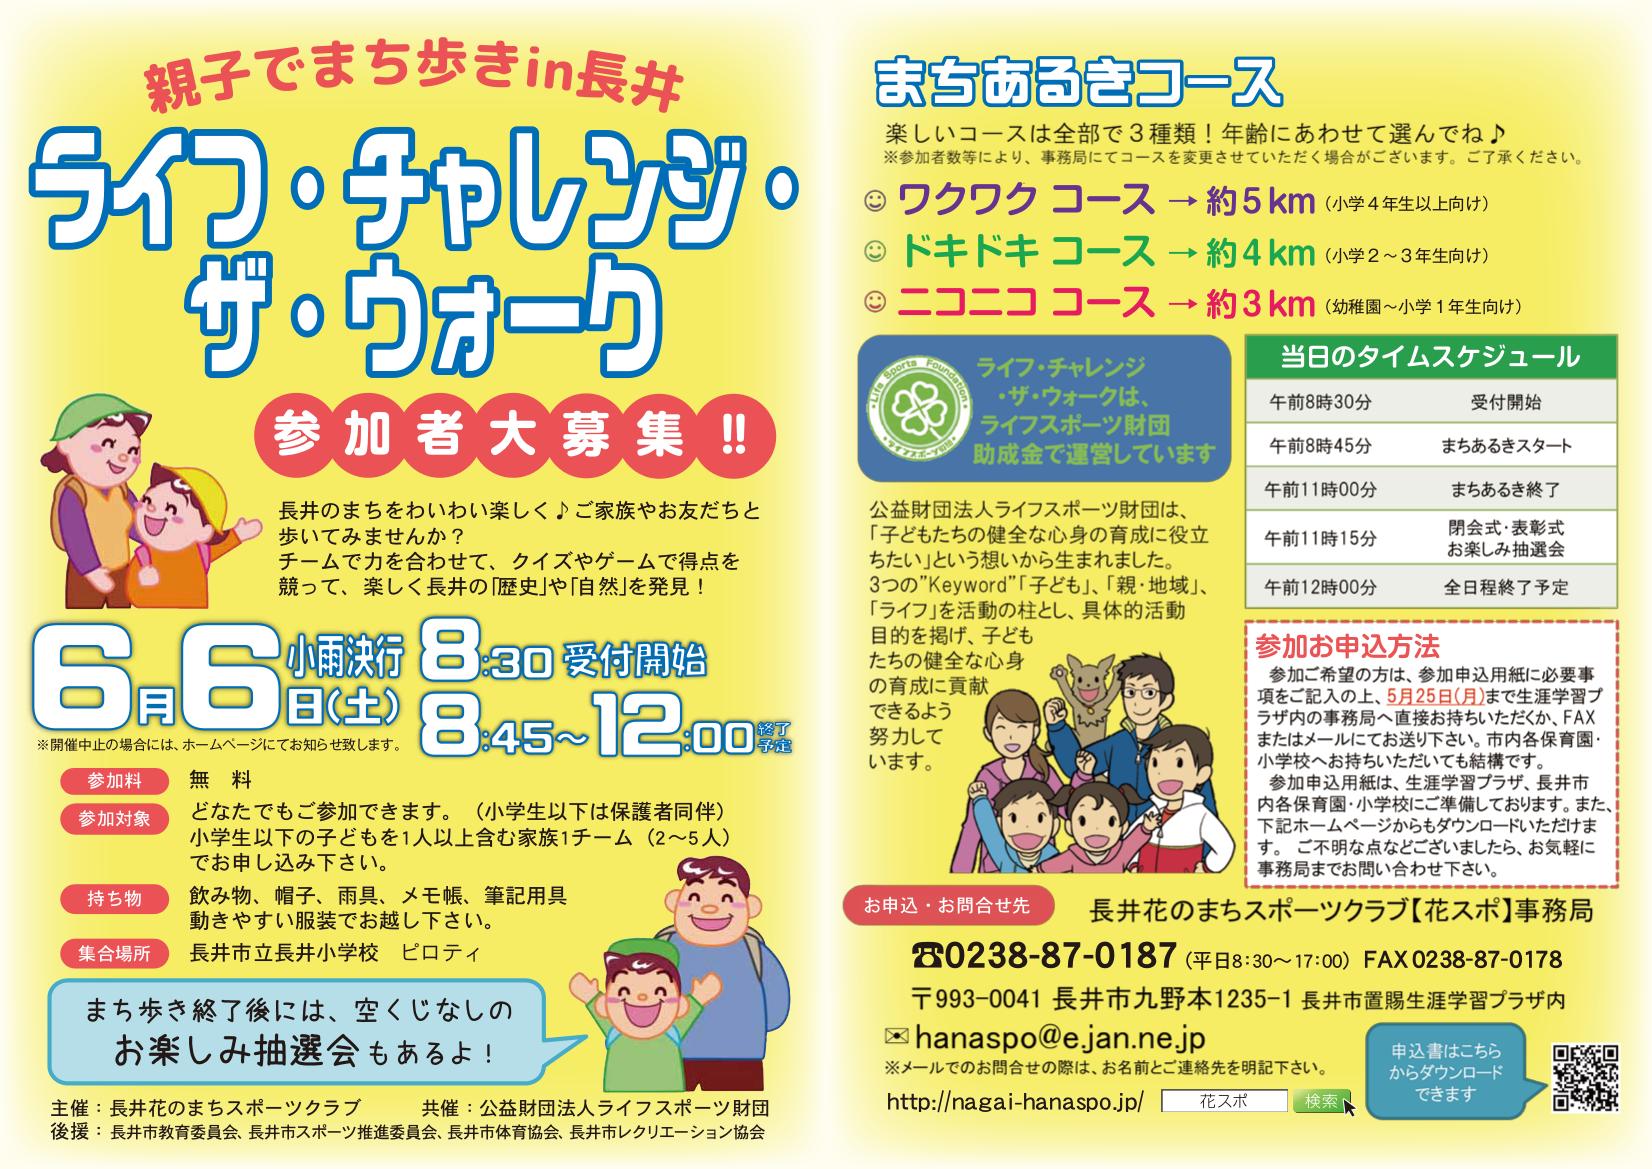 ライフ・チャレンジ・ザ・ウォーク申込用紙ダウンロードページ